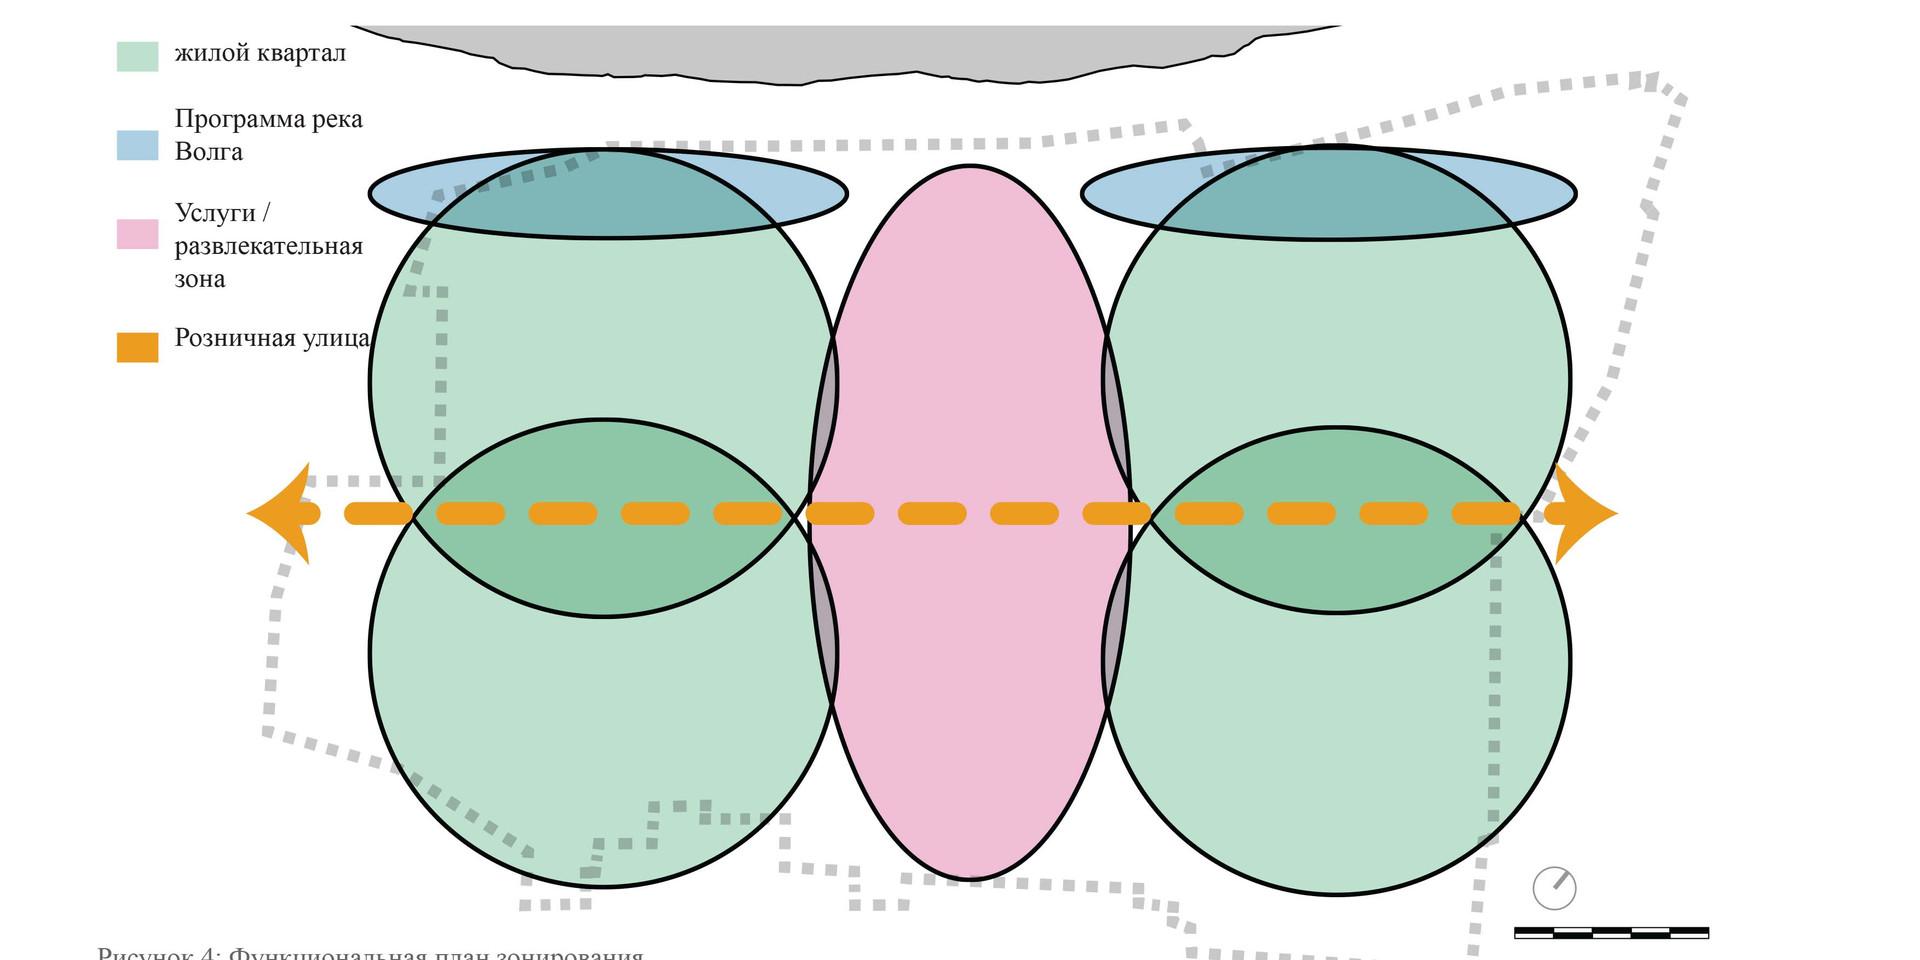 Zim Masterplan Diagram